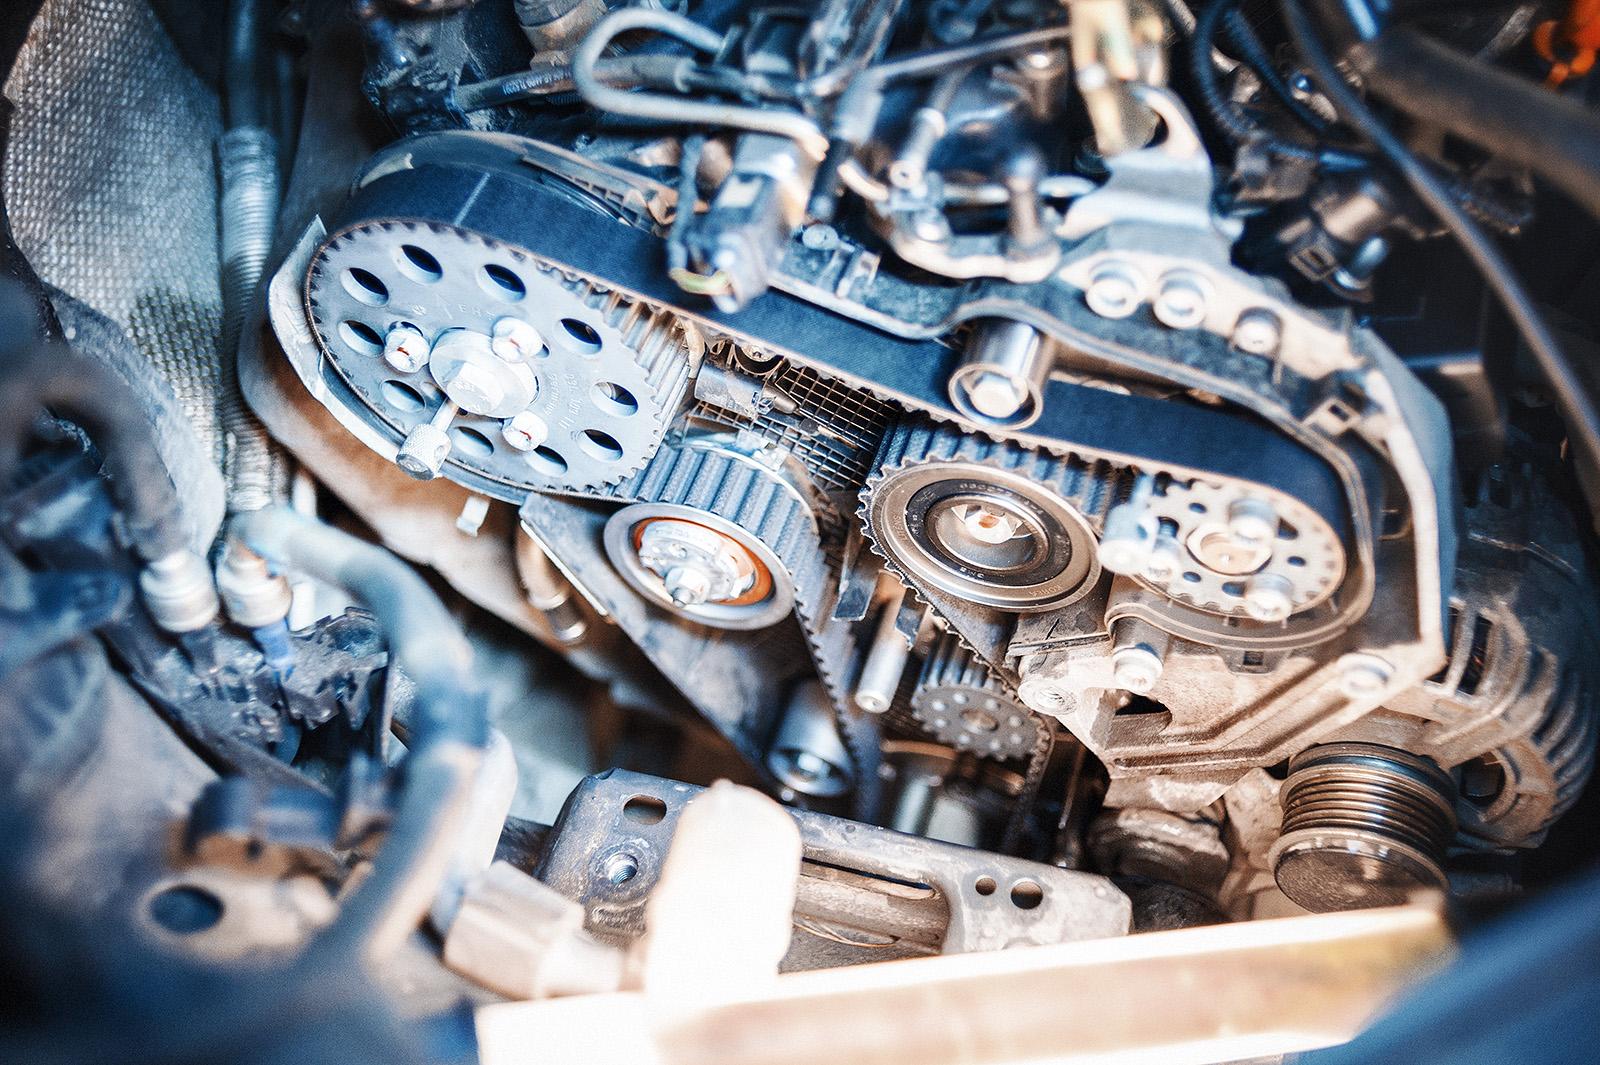 Как снять и проверить гидронатяжитель цепи Volkswagen Golf (Фольксваген Гольф)